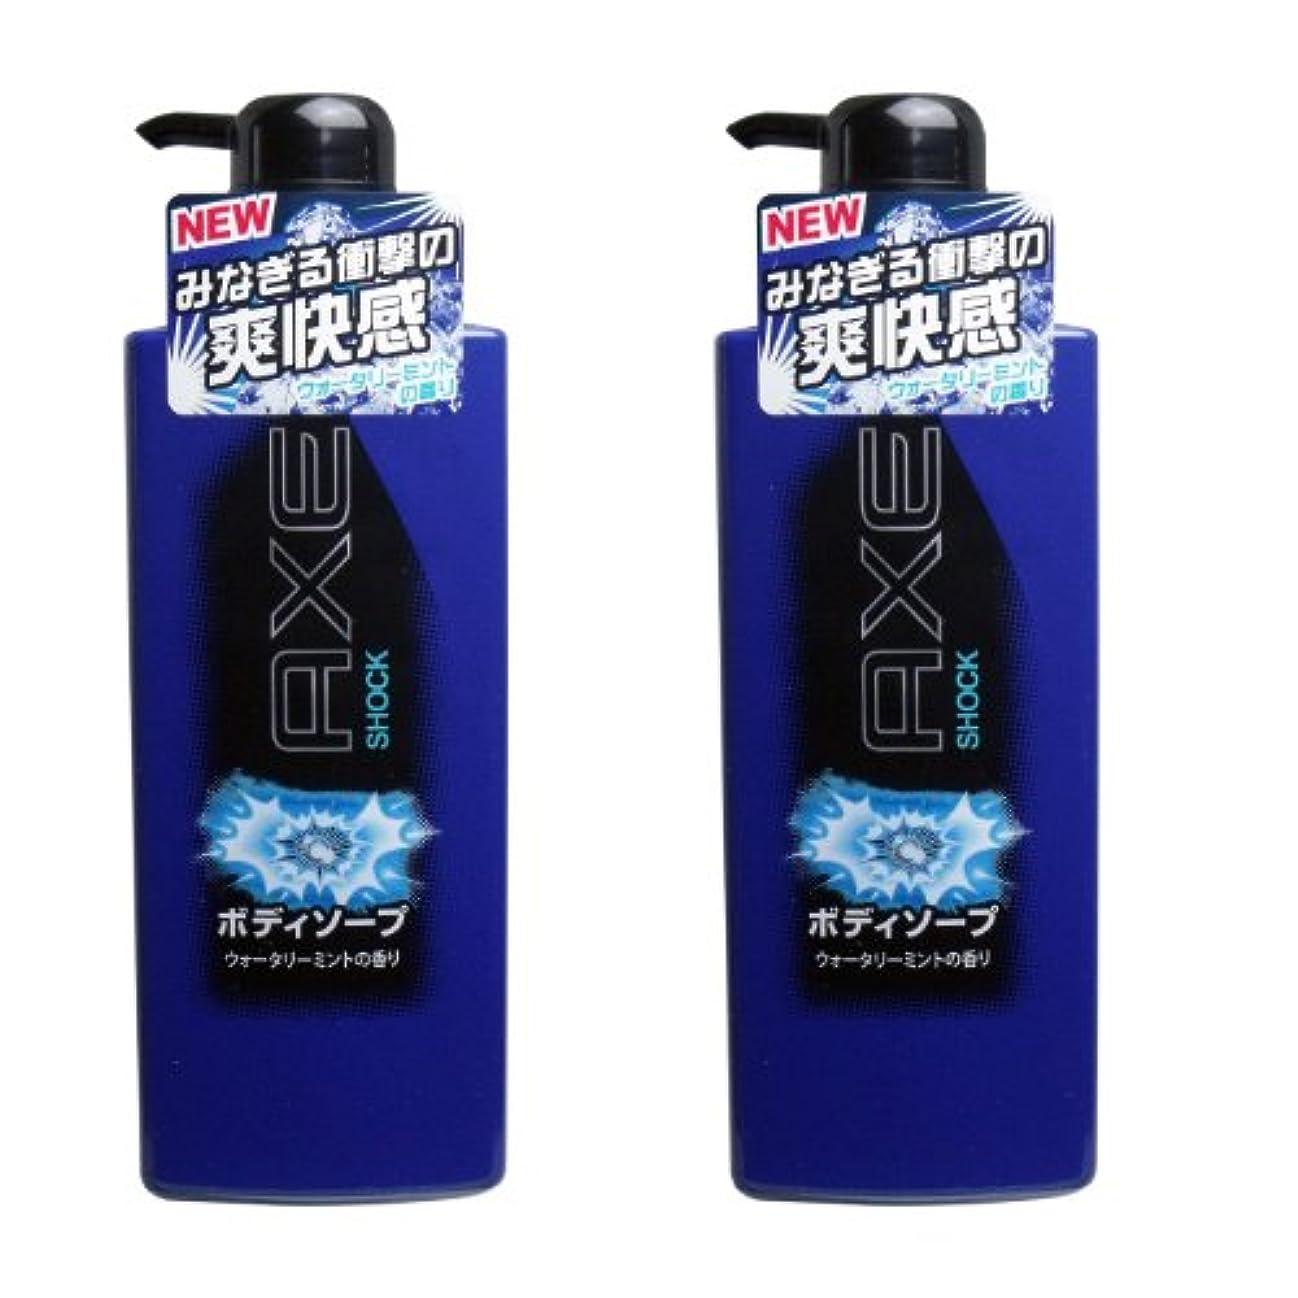 西部ホイットニー税金AXE(アックス) ボディソープの2点セット (ショック ウォータリーミントの香り)